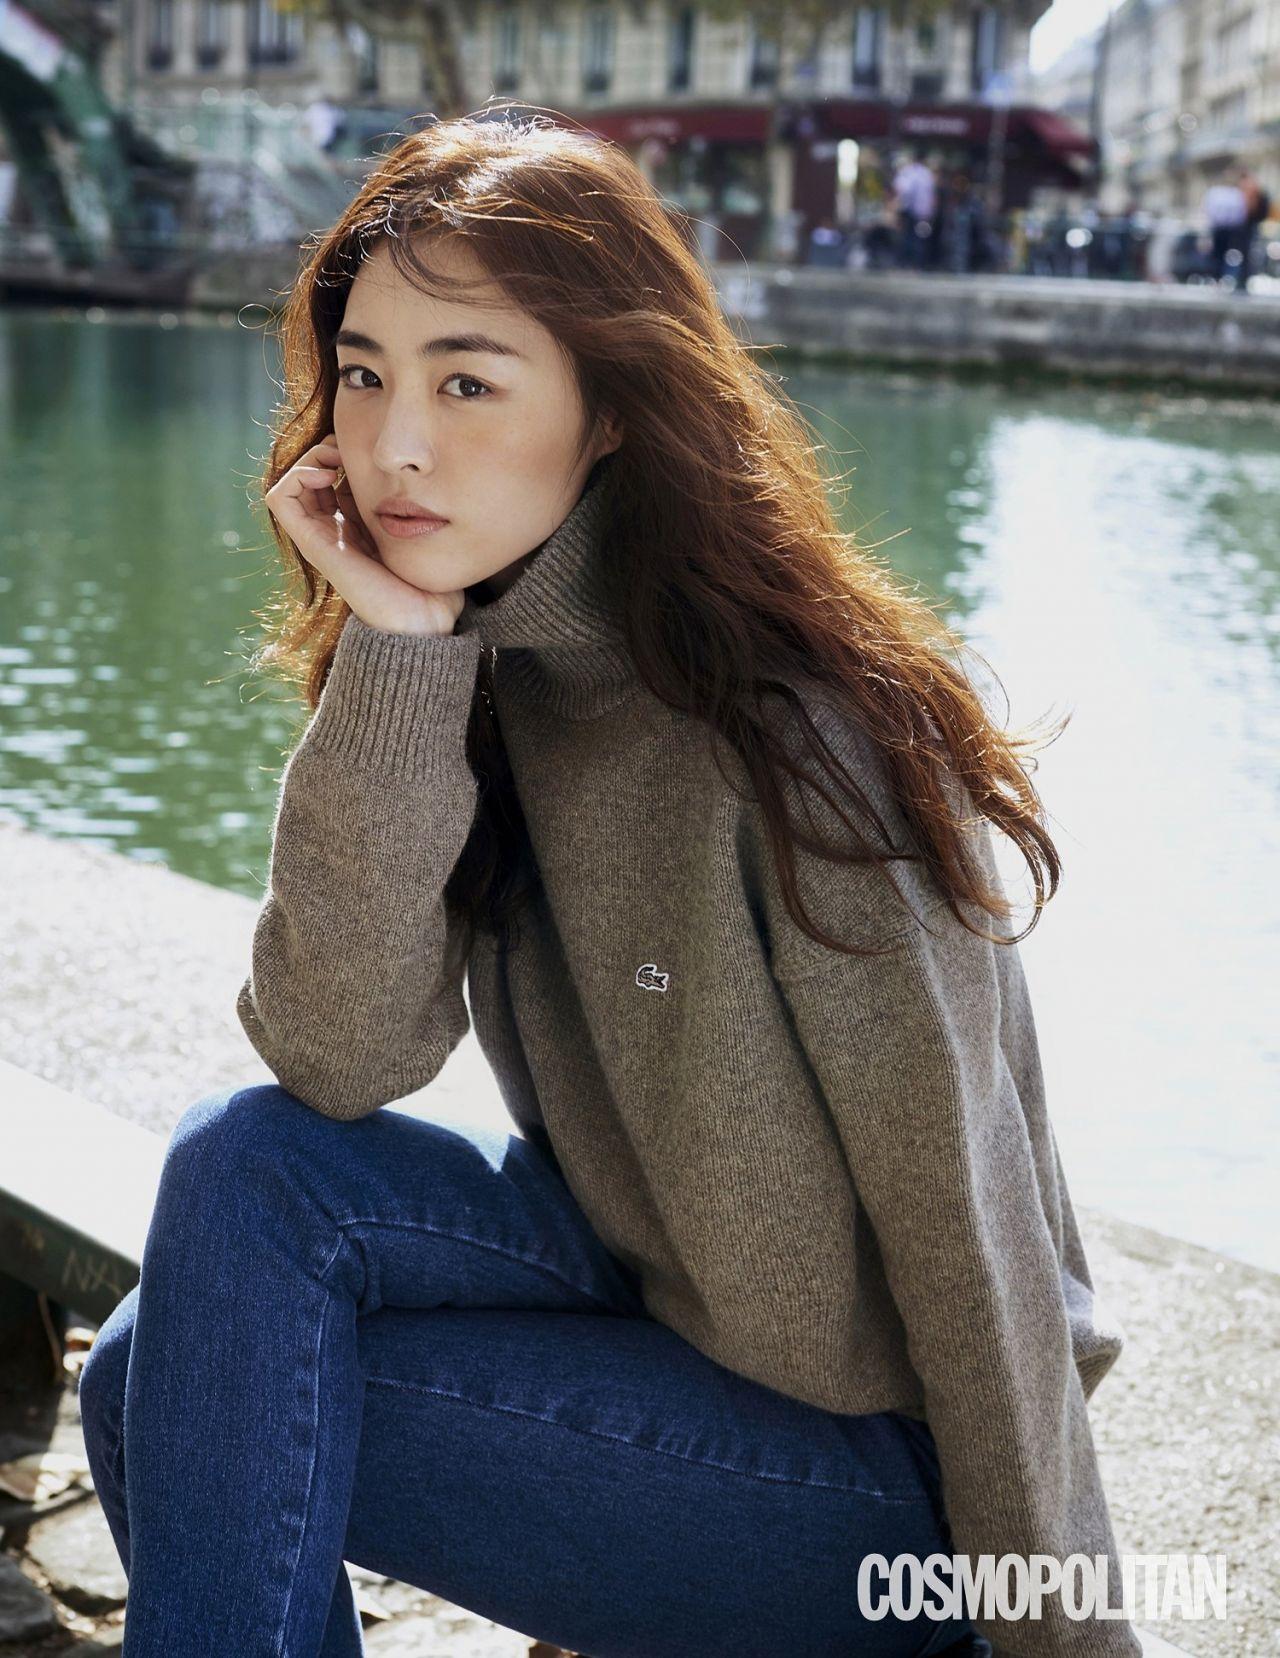 lee-yeon-hee-cosmopolitan-korea-december-2018-8